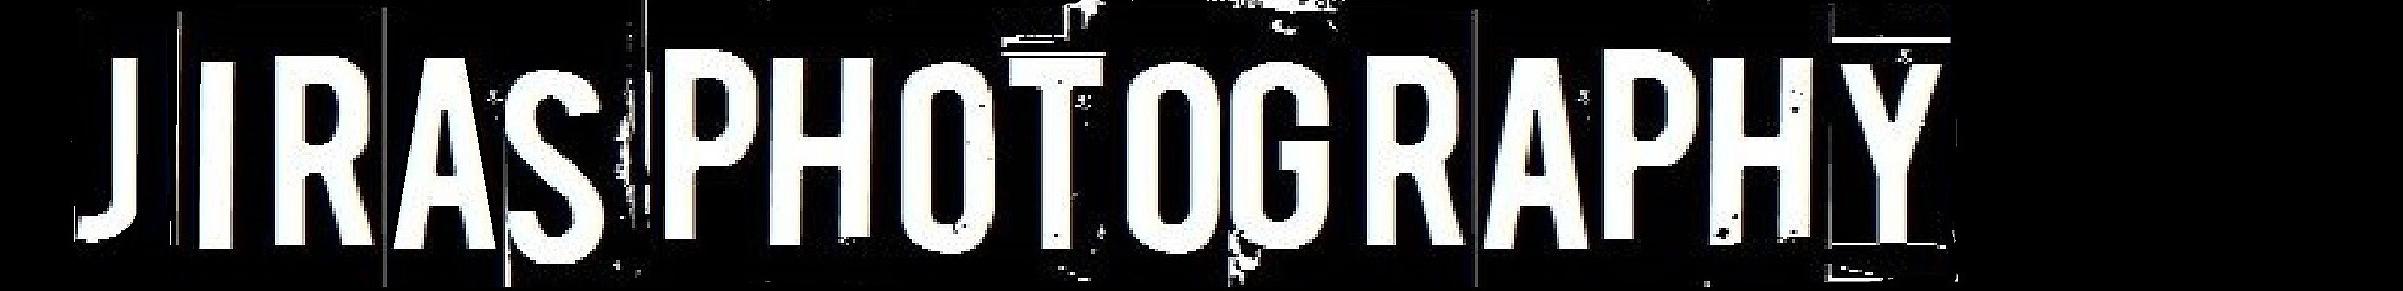 Tomáš Jiras - Fotograf Nové Strašecí Ruda Vlašim Benešov Tábor a okolí. Promo focení ; Produkty ; Svatby ; Portét ; Příroda a péče o Ekosystémy CHKO Blaník EVL PP Vlašimská Blanice Logo